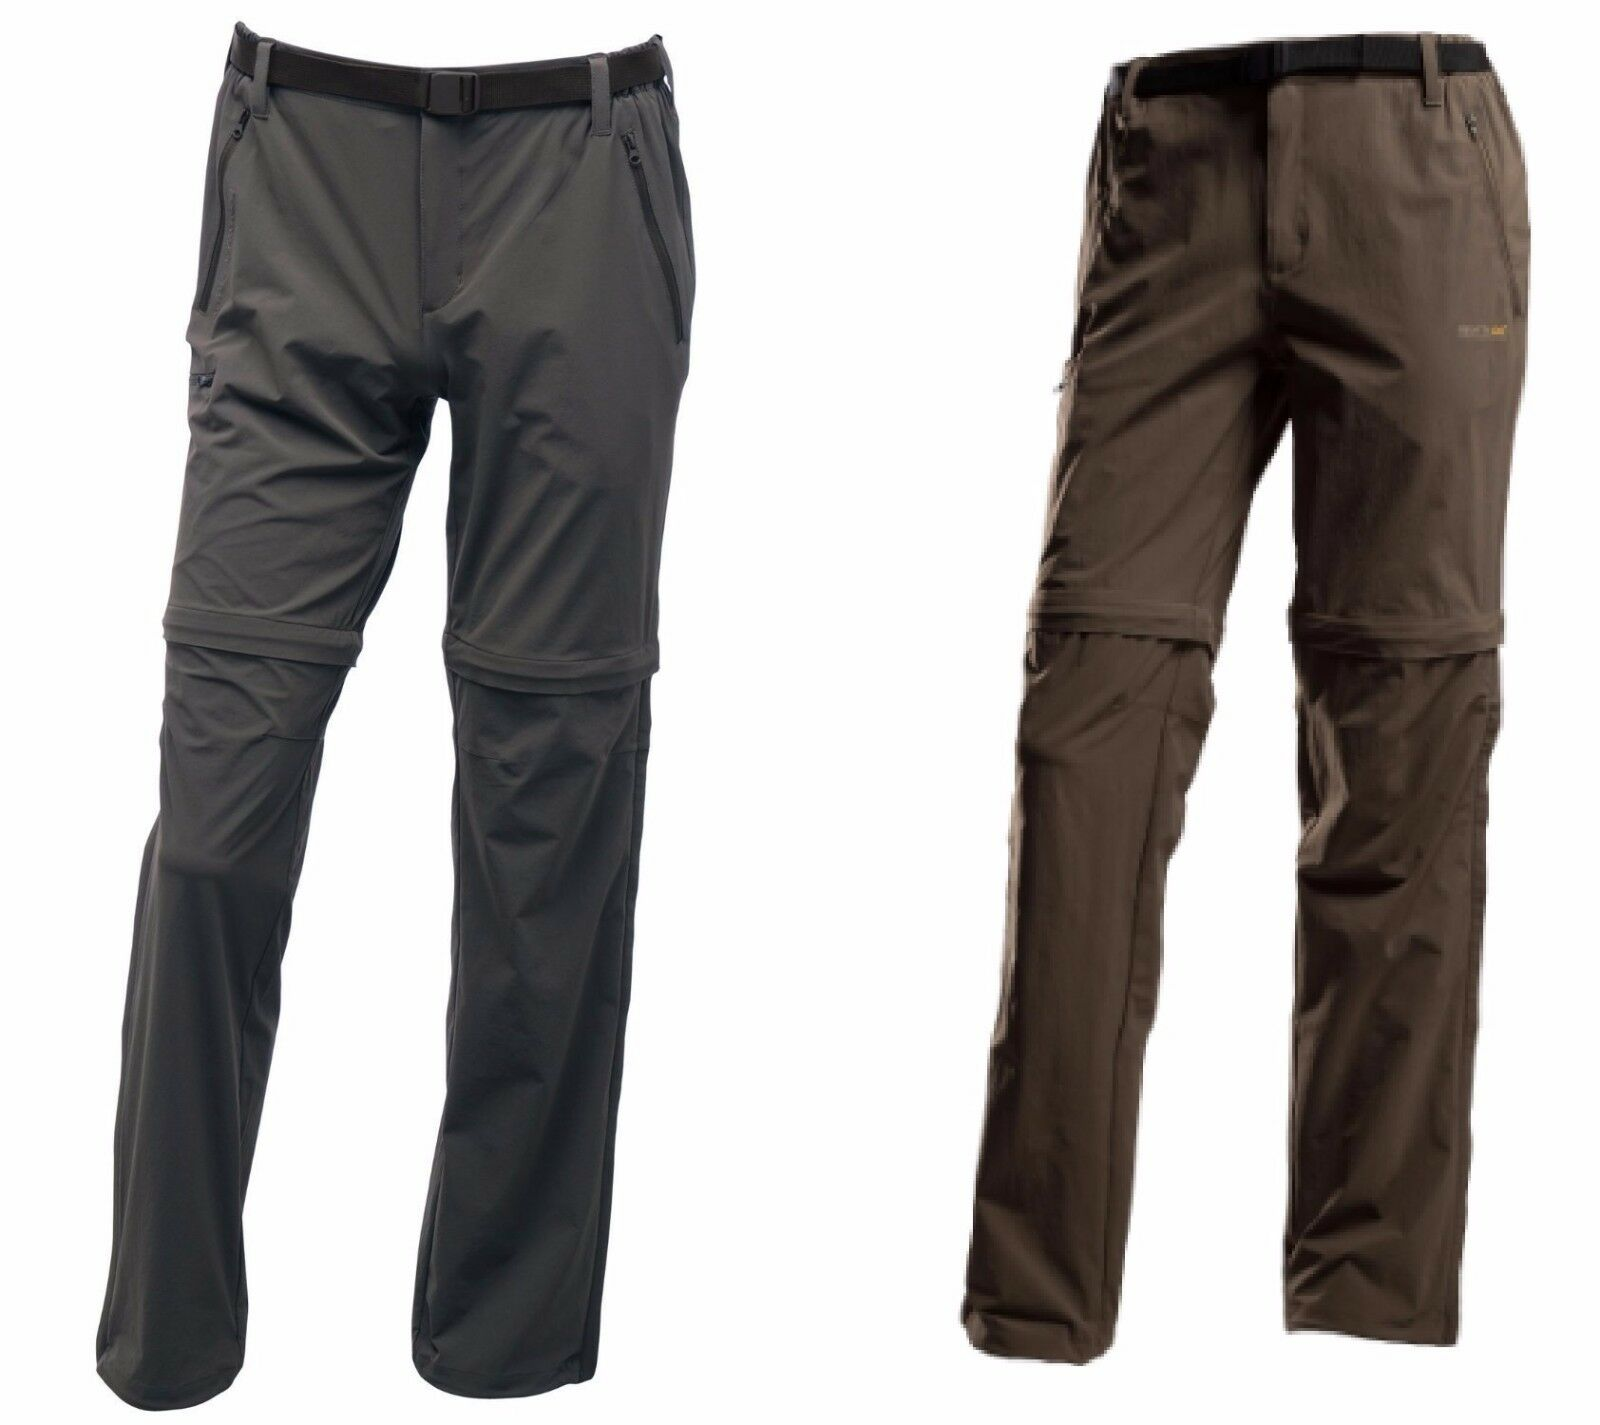 Regatta Xert Stretch Zip Herren Hose 3 Beinlängen leicht elastisch  ab 99 95